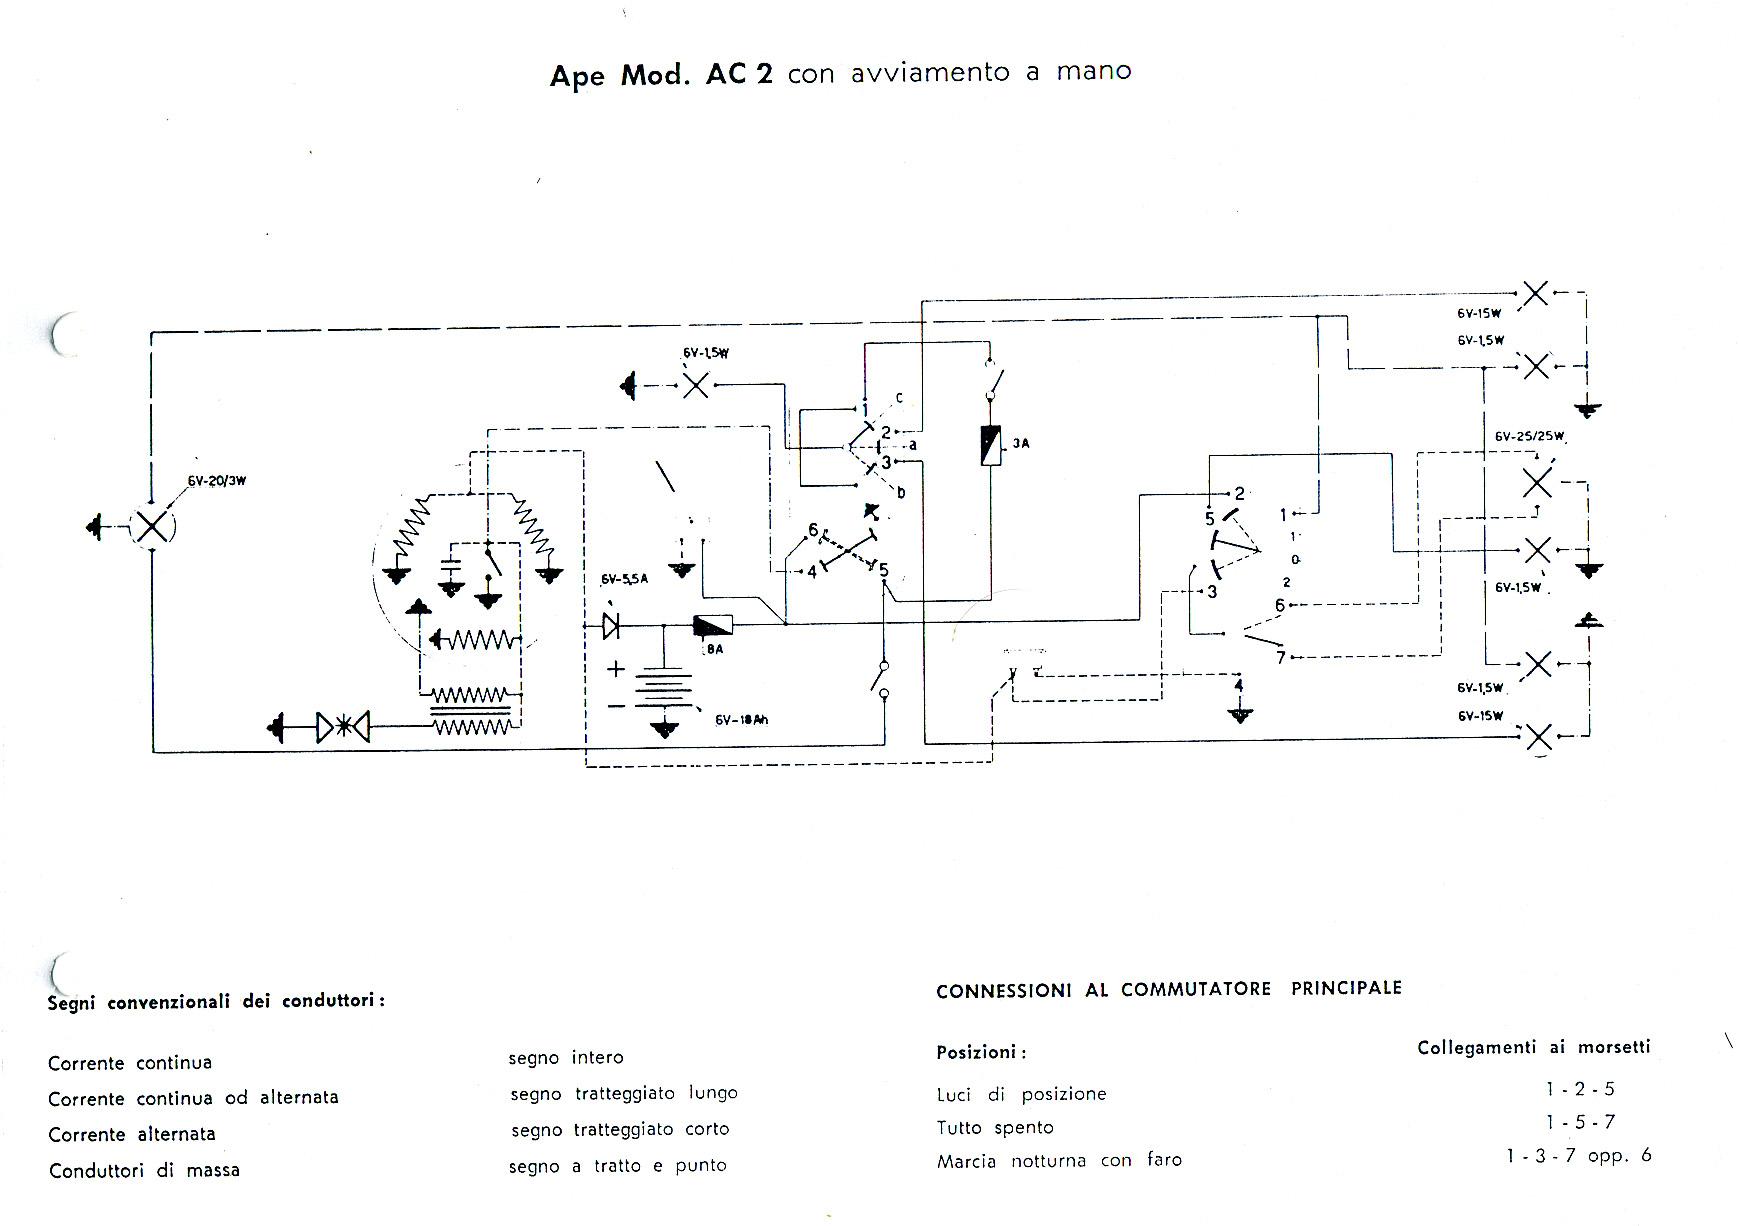 Schema Elettrico Ape Tm 703 : Tecnica ape piaggio ac